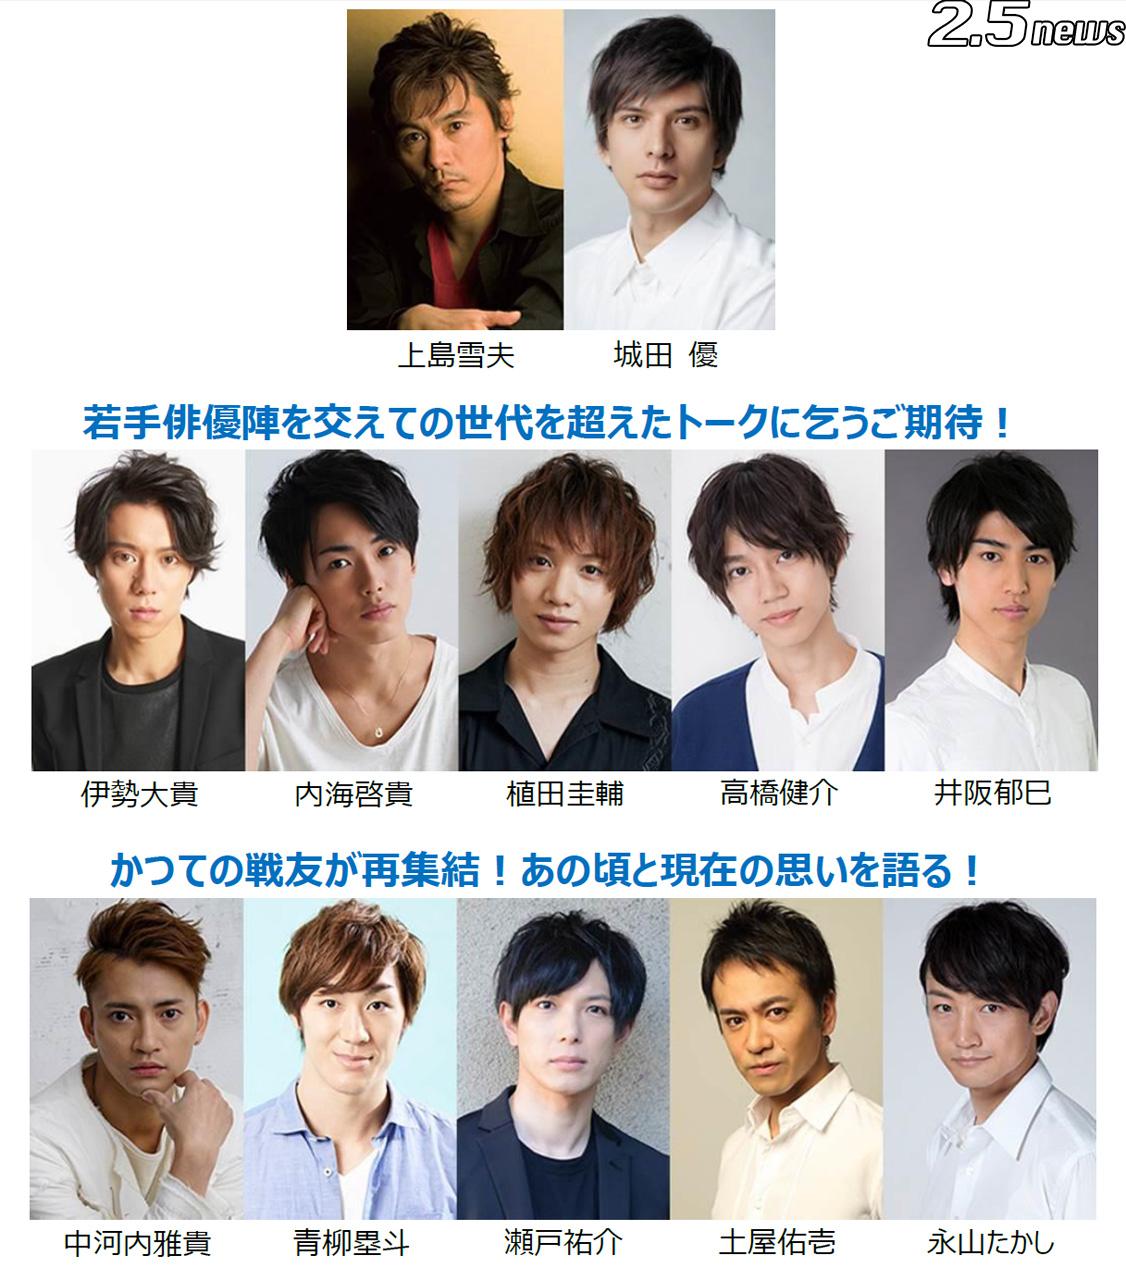 project K『僕らの未来』